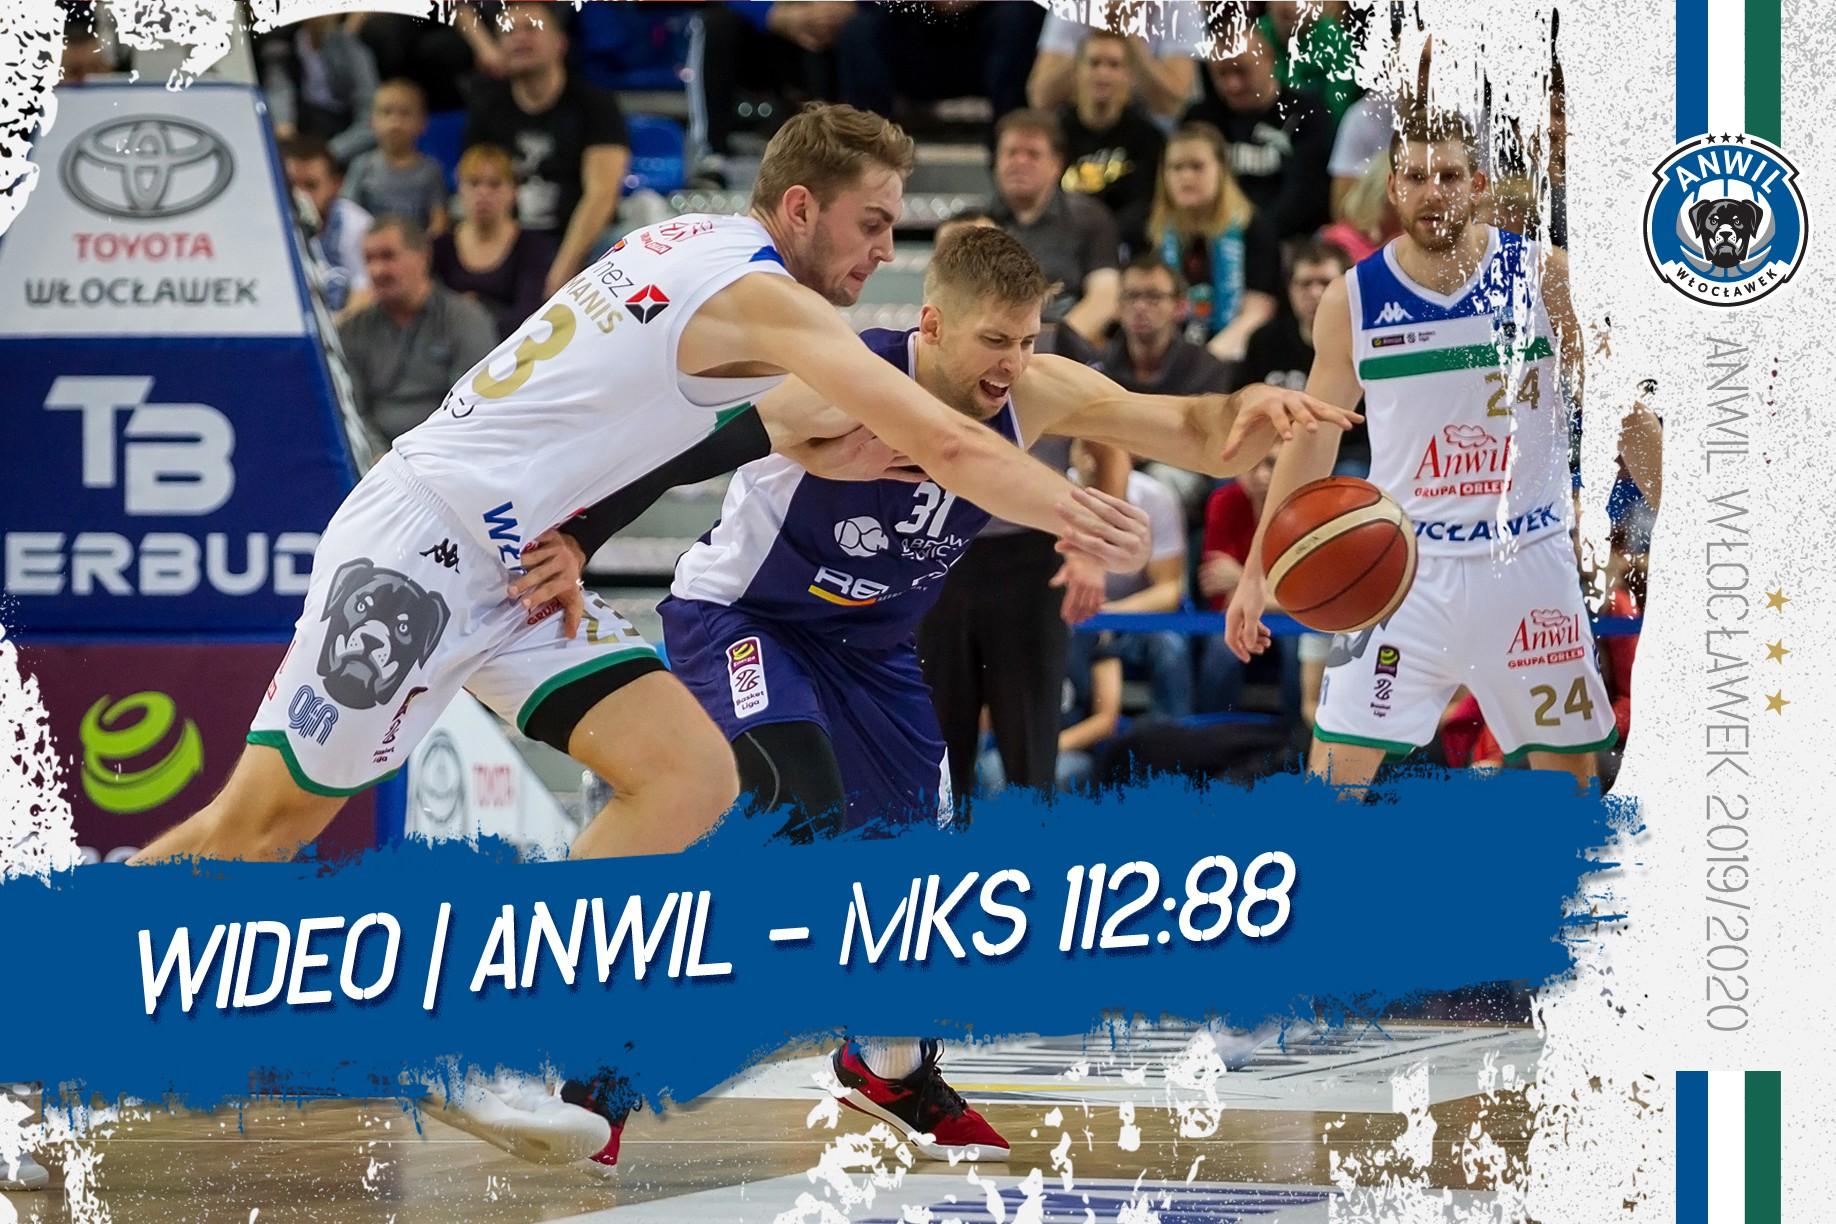 Wideo | Anwil Włocławek - MKS Dąbrowa Górnicza 112:88